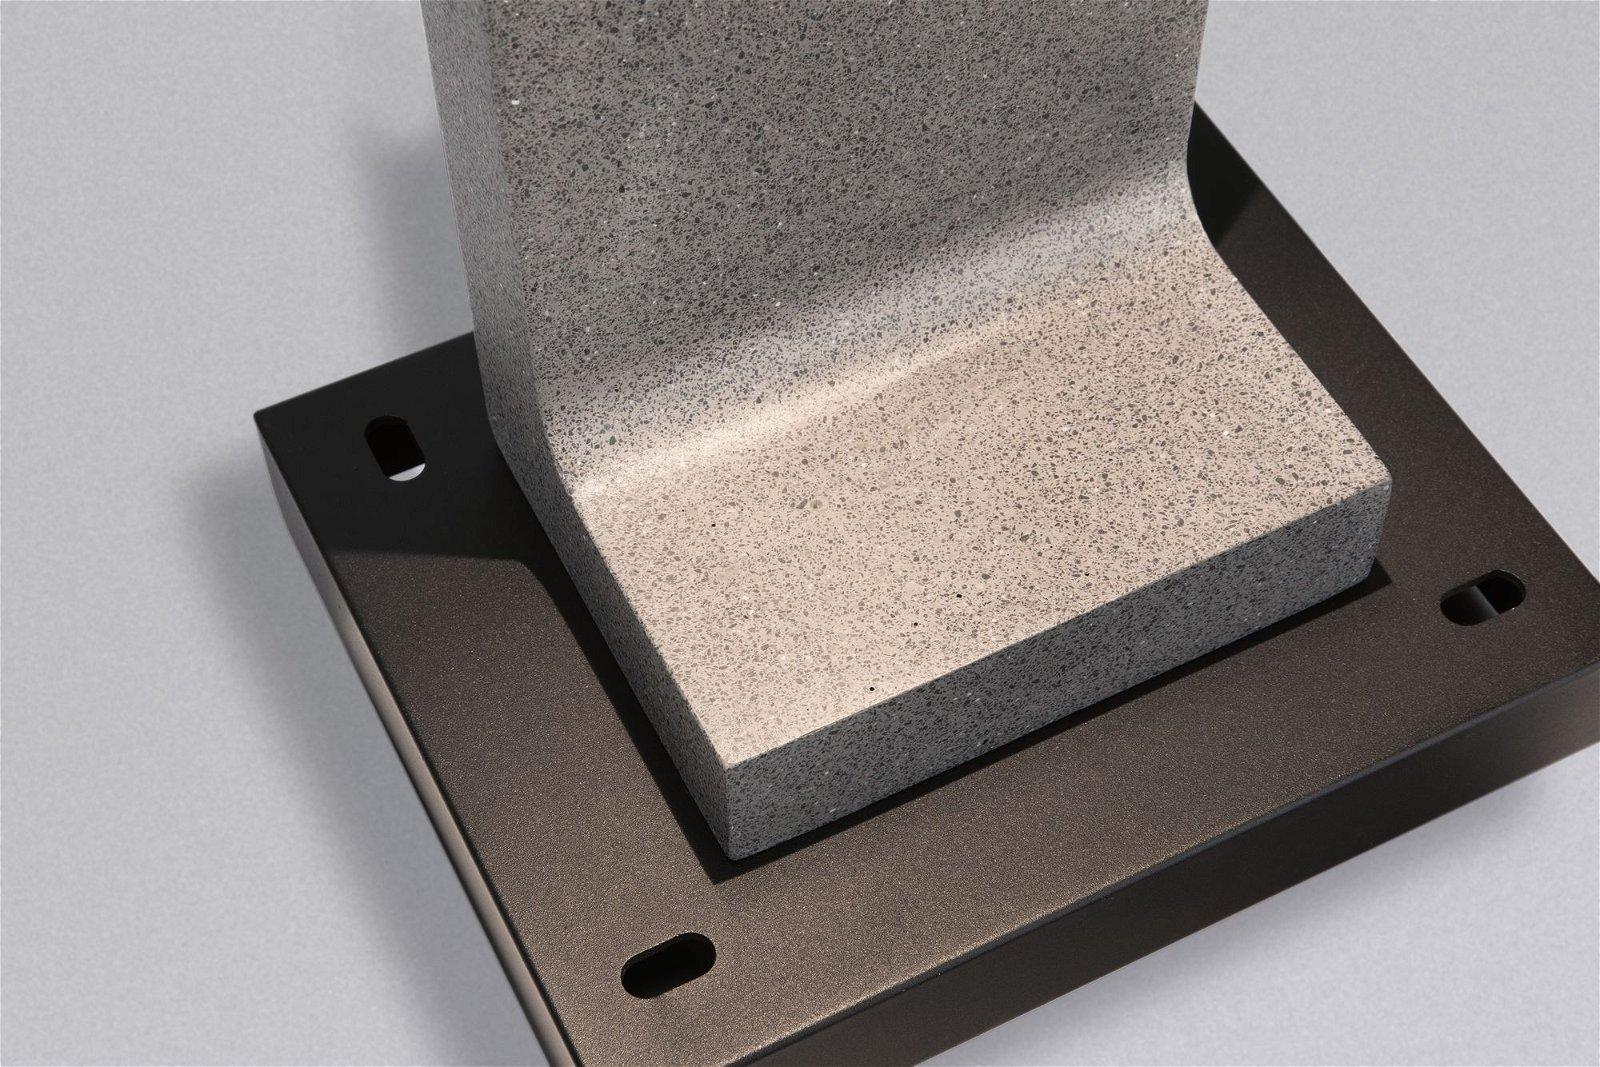 LED Pollerleuchte Concrea IP65 616mm 3000K 6,8W 630lm 230V Schwarzer Sandstein Beton